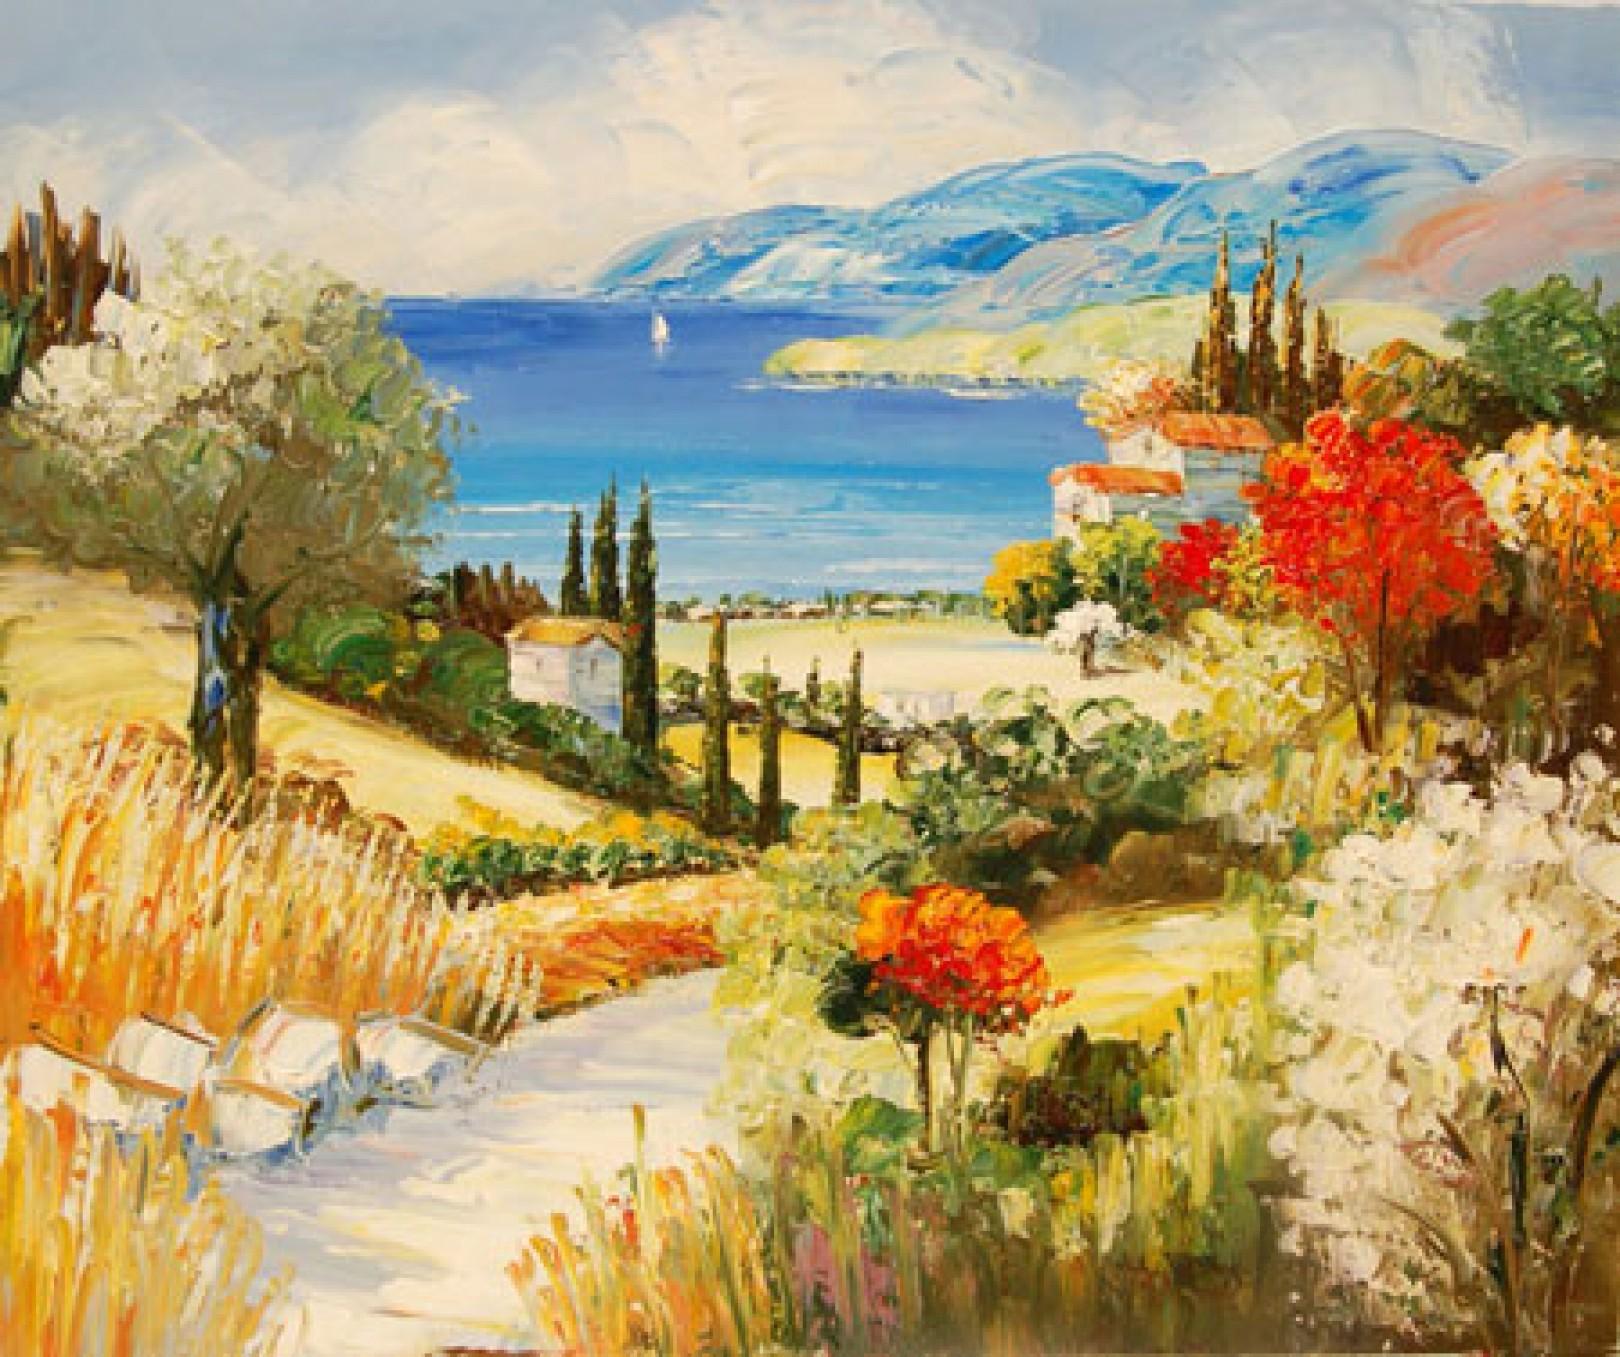 Quadro campagna toscana 1 di autore sconosciuto paesaggi for Quadri dipinti a mano paesaggi